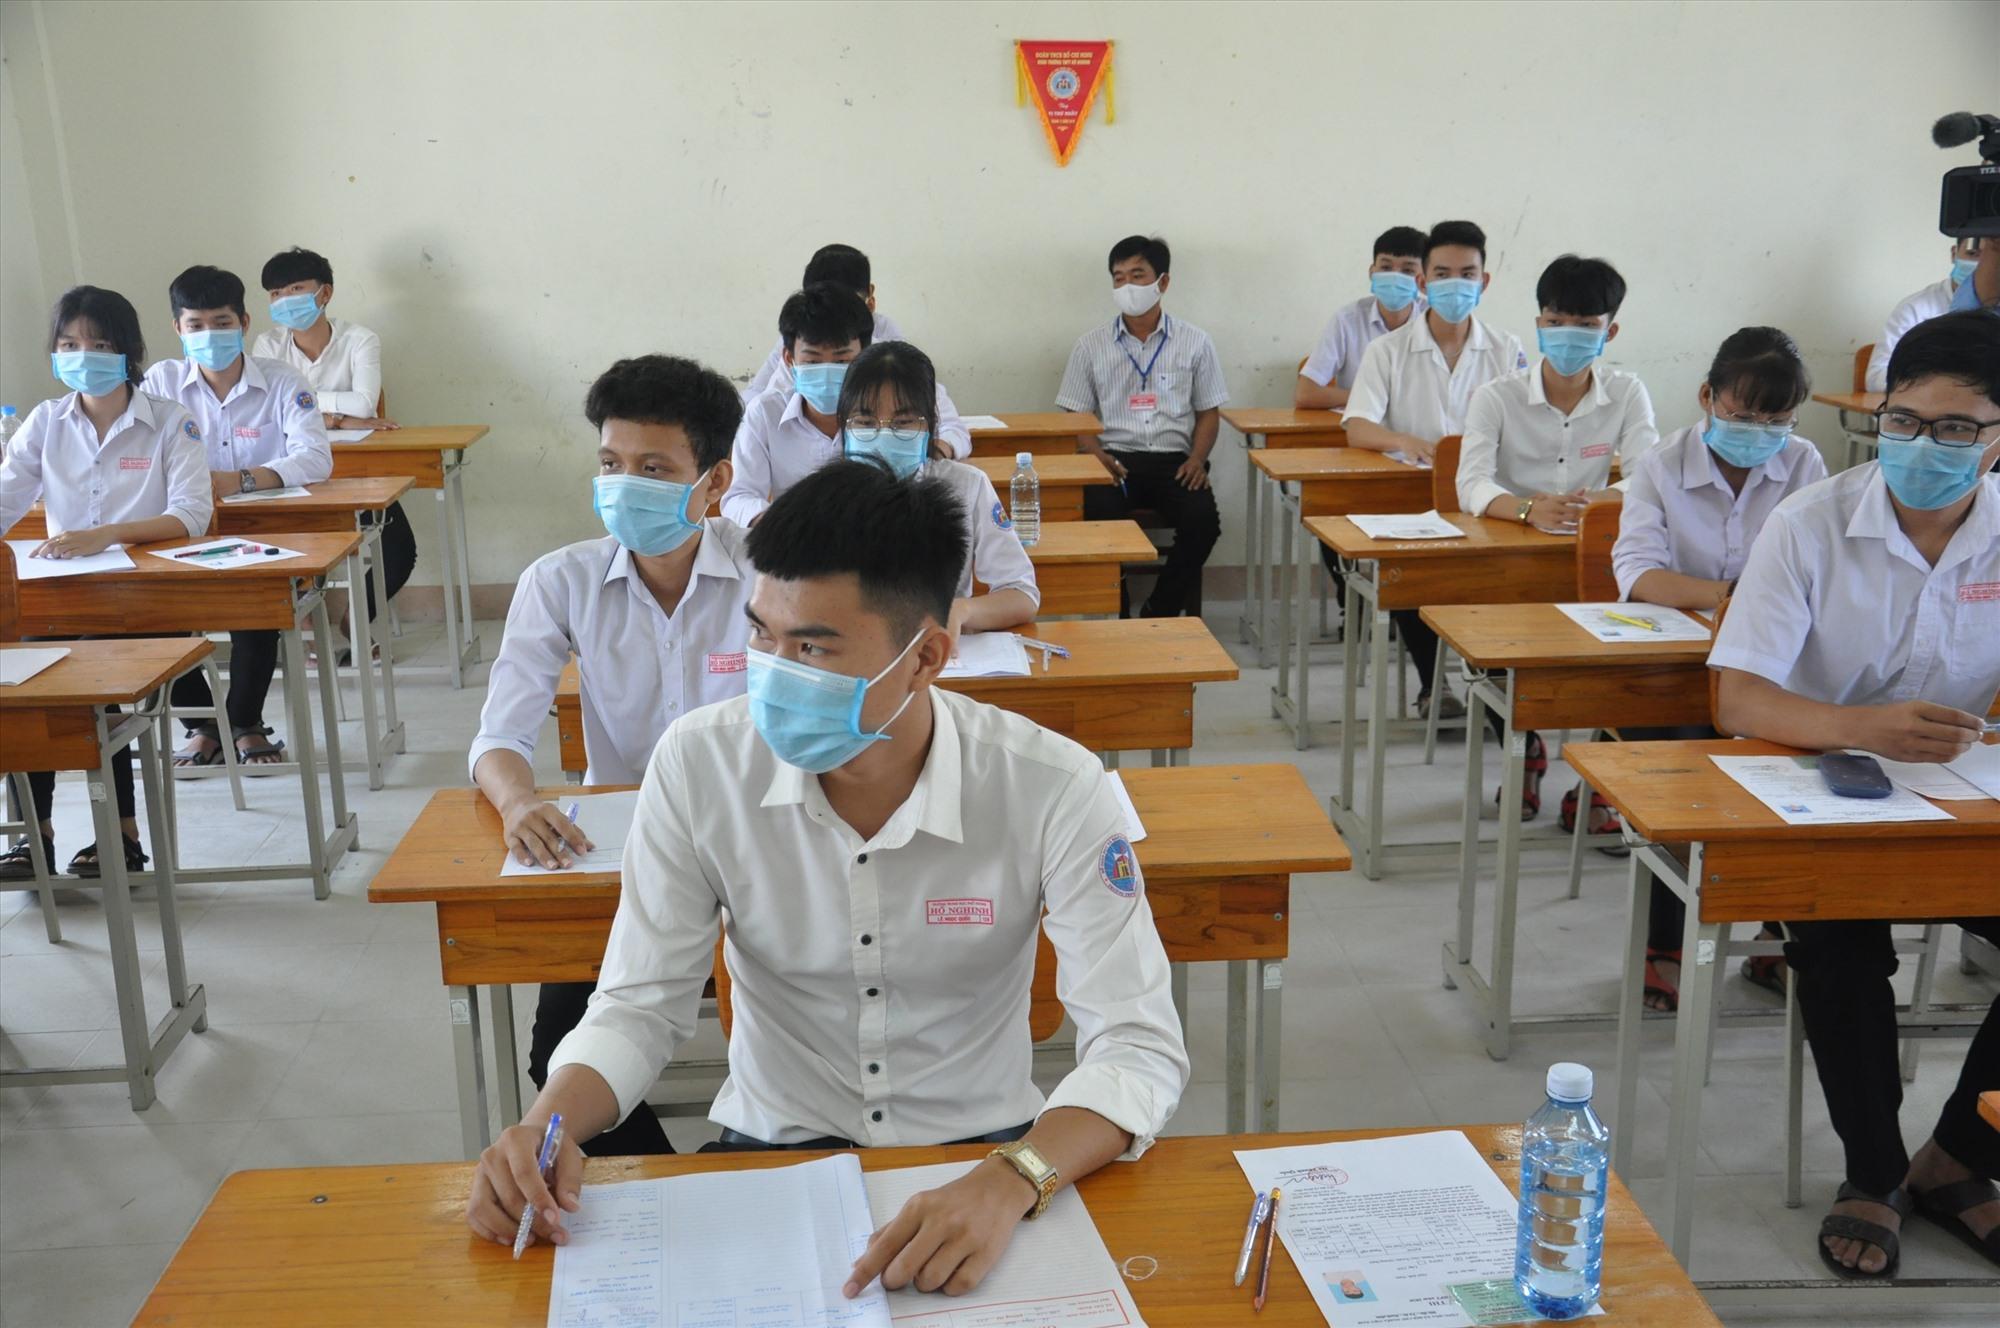 Ts dự thi tại Trường THPT Hồ Nghinh (Duy Xuyên). Ảnh: X.P